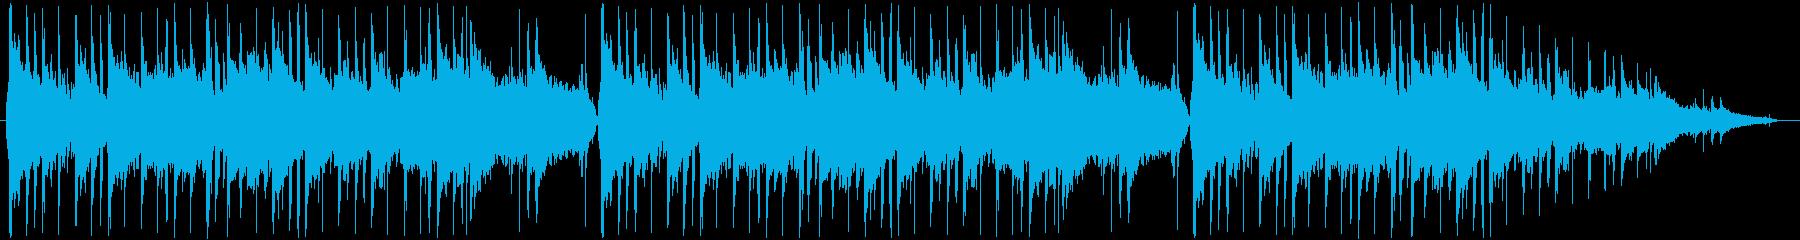 広告音楽。ループ。ハイテク、ダイナ...の再生済みの波形